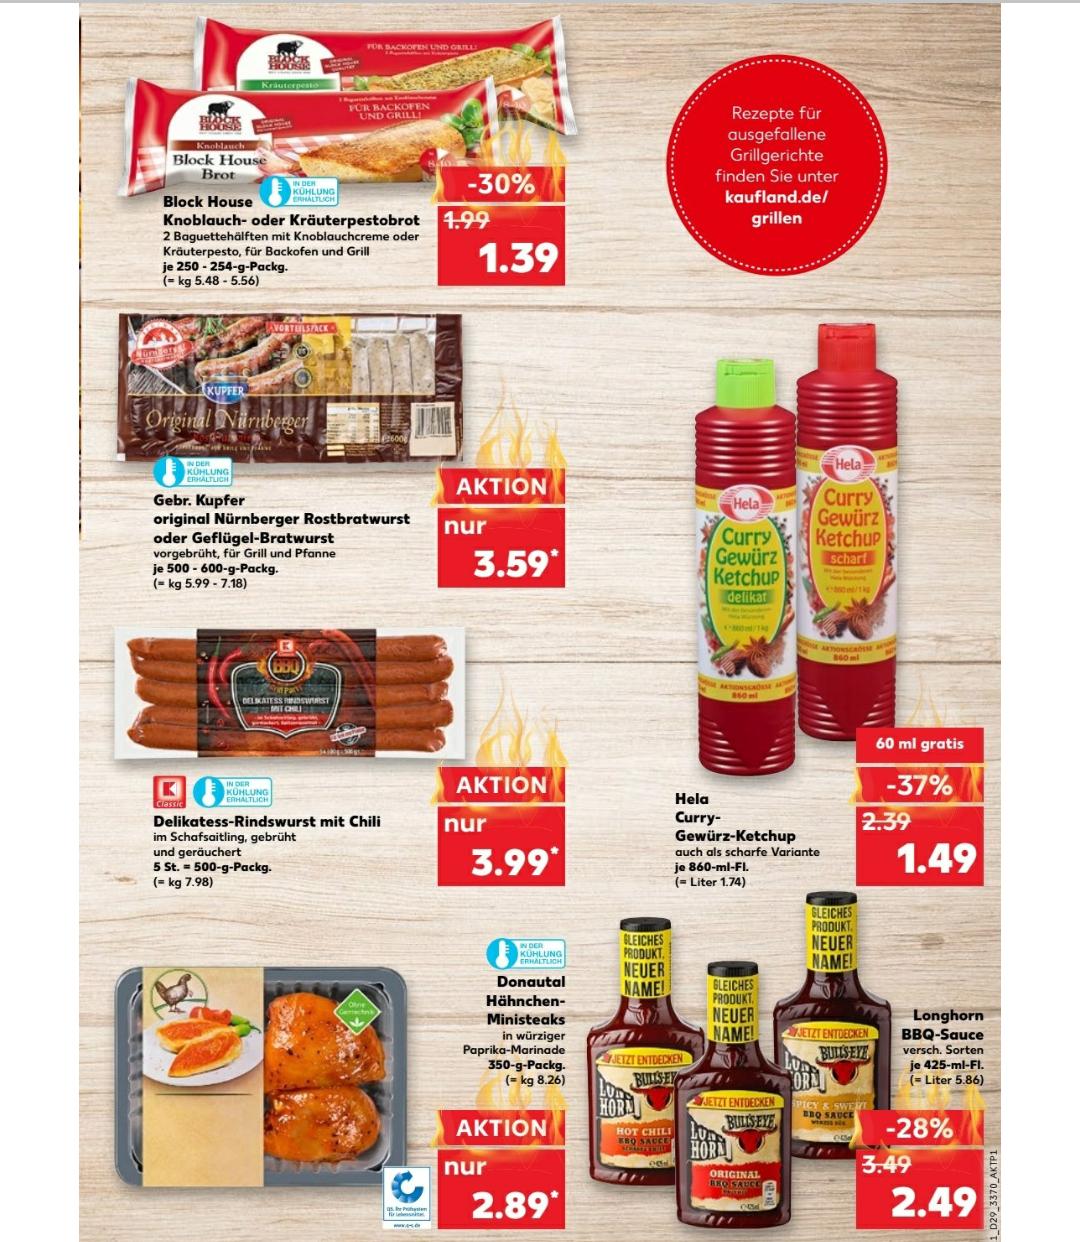 Hela Curry-Gewürz-Ketchup verschiedene Sorten in der Aktionsgröße 860 ml bei Kaufland